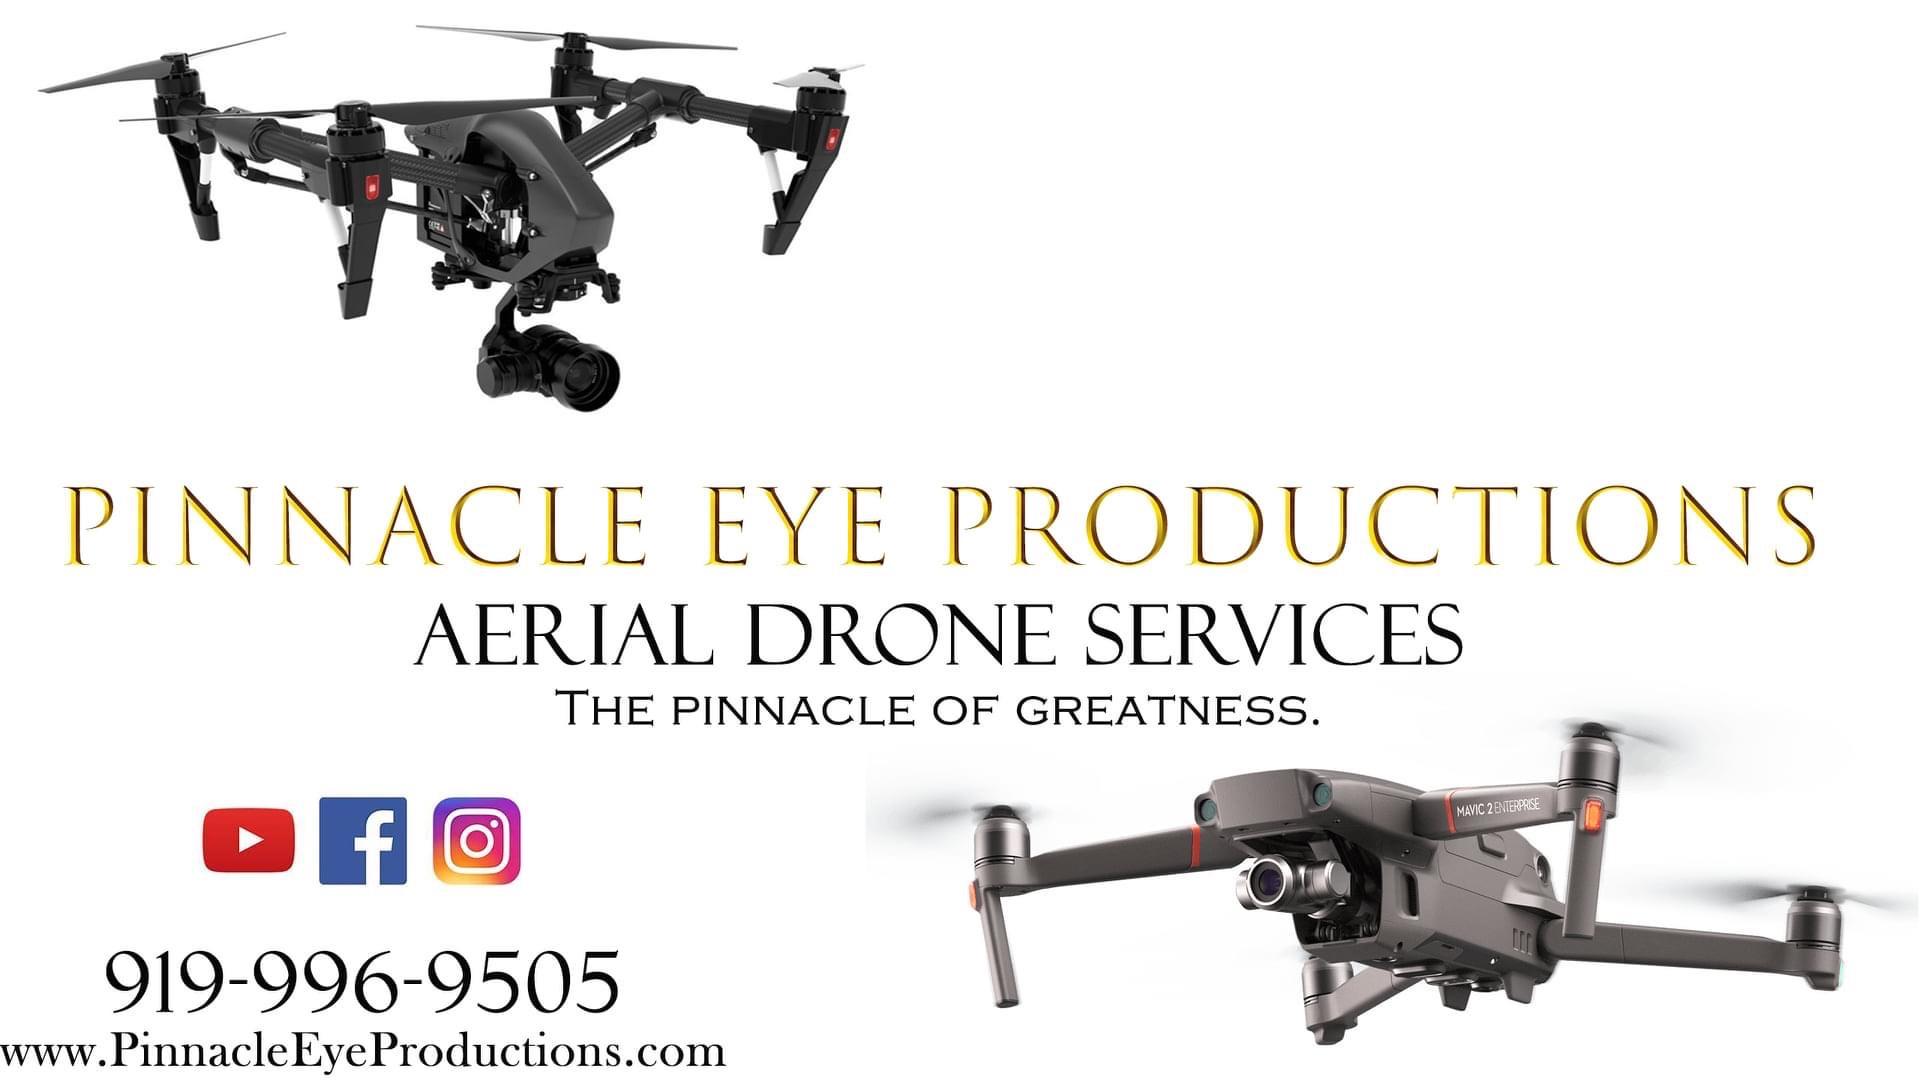 Pinnacle Eye Productions